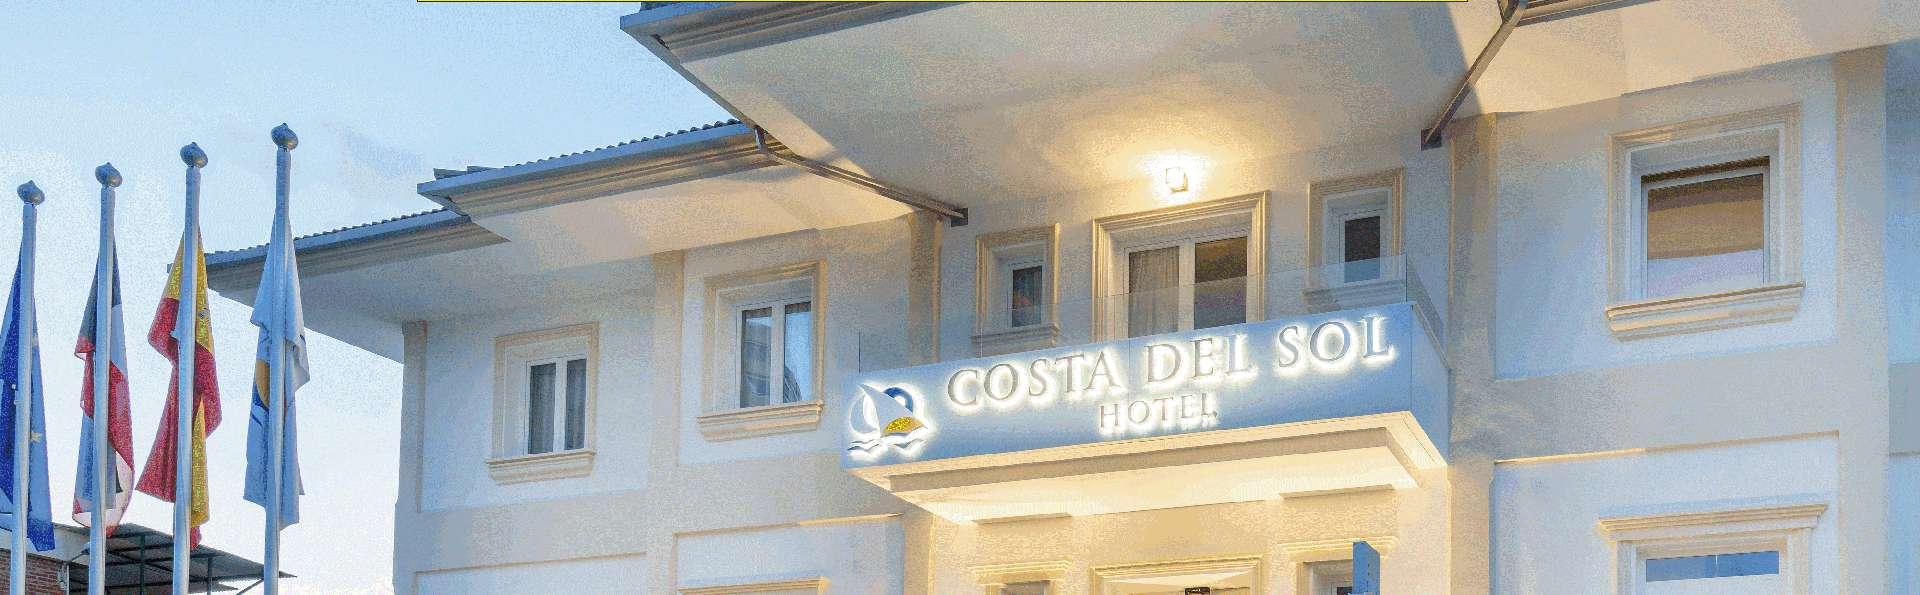 Costa del Sol Torremolinos Sustainable Boutique Hotel - EDIT_Fachada_restaurante.png